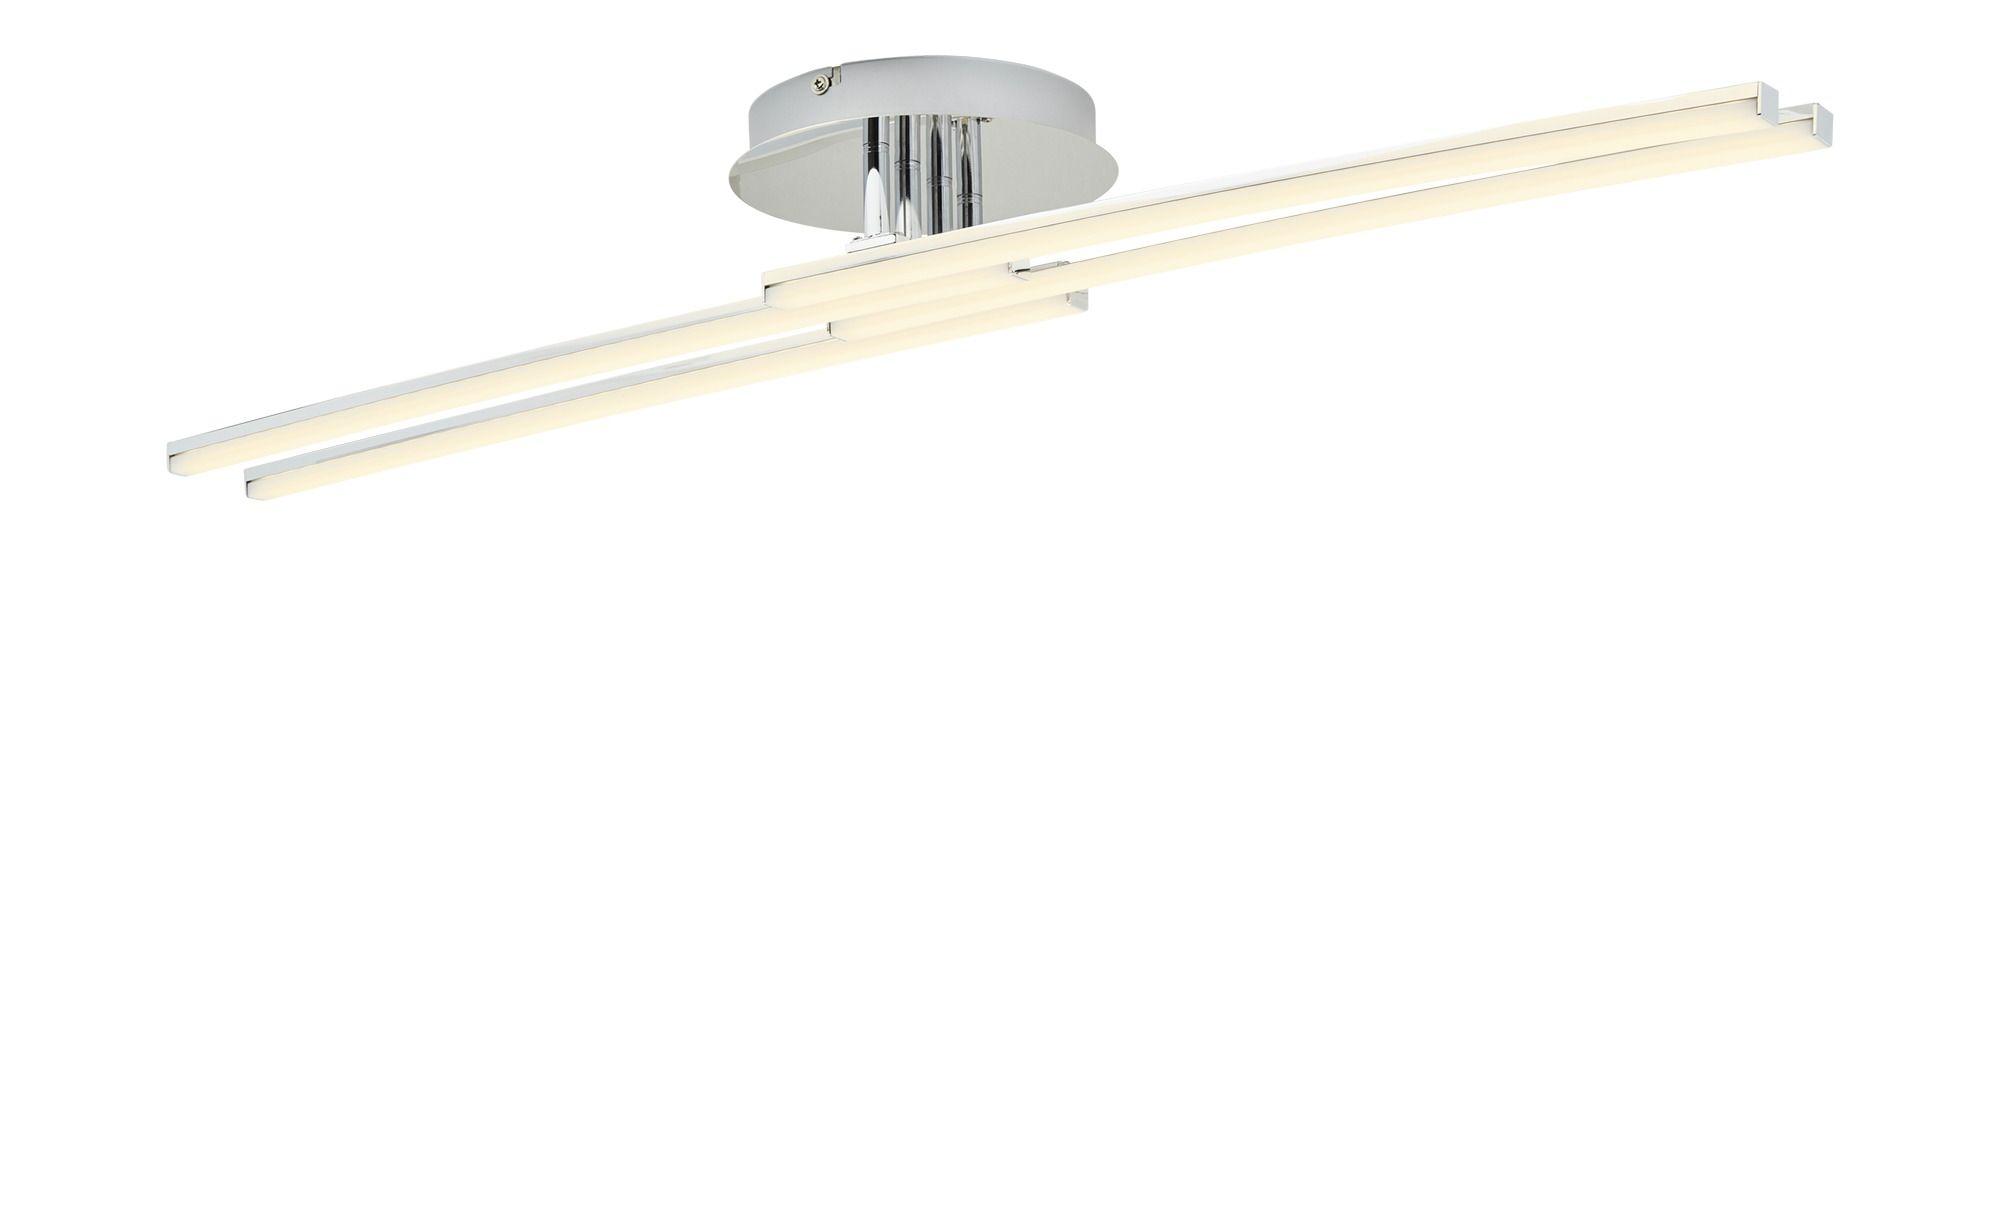 Wohnzimmer Deckenlampe Poco Led Deckenstrahler Mit Fernbedienung